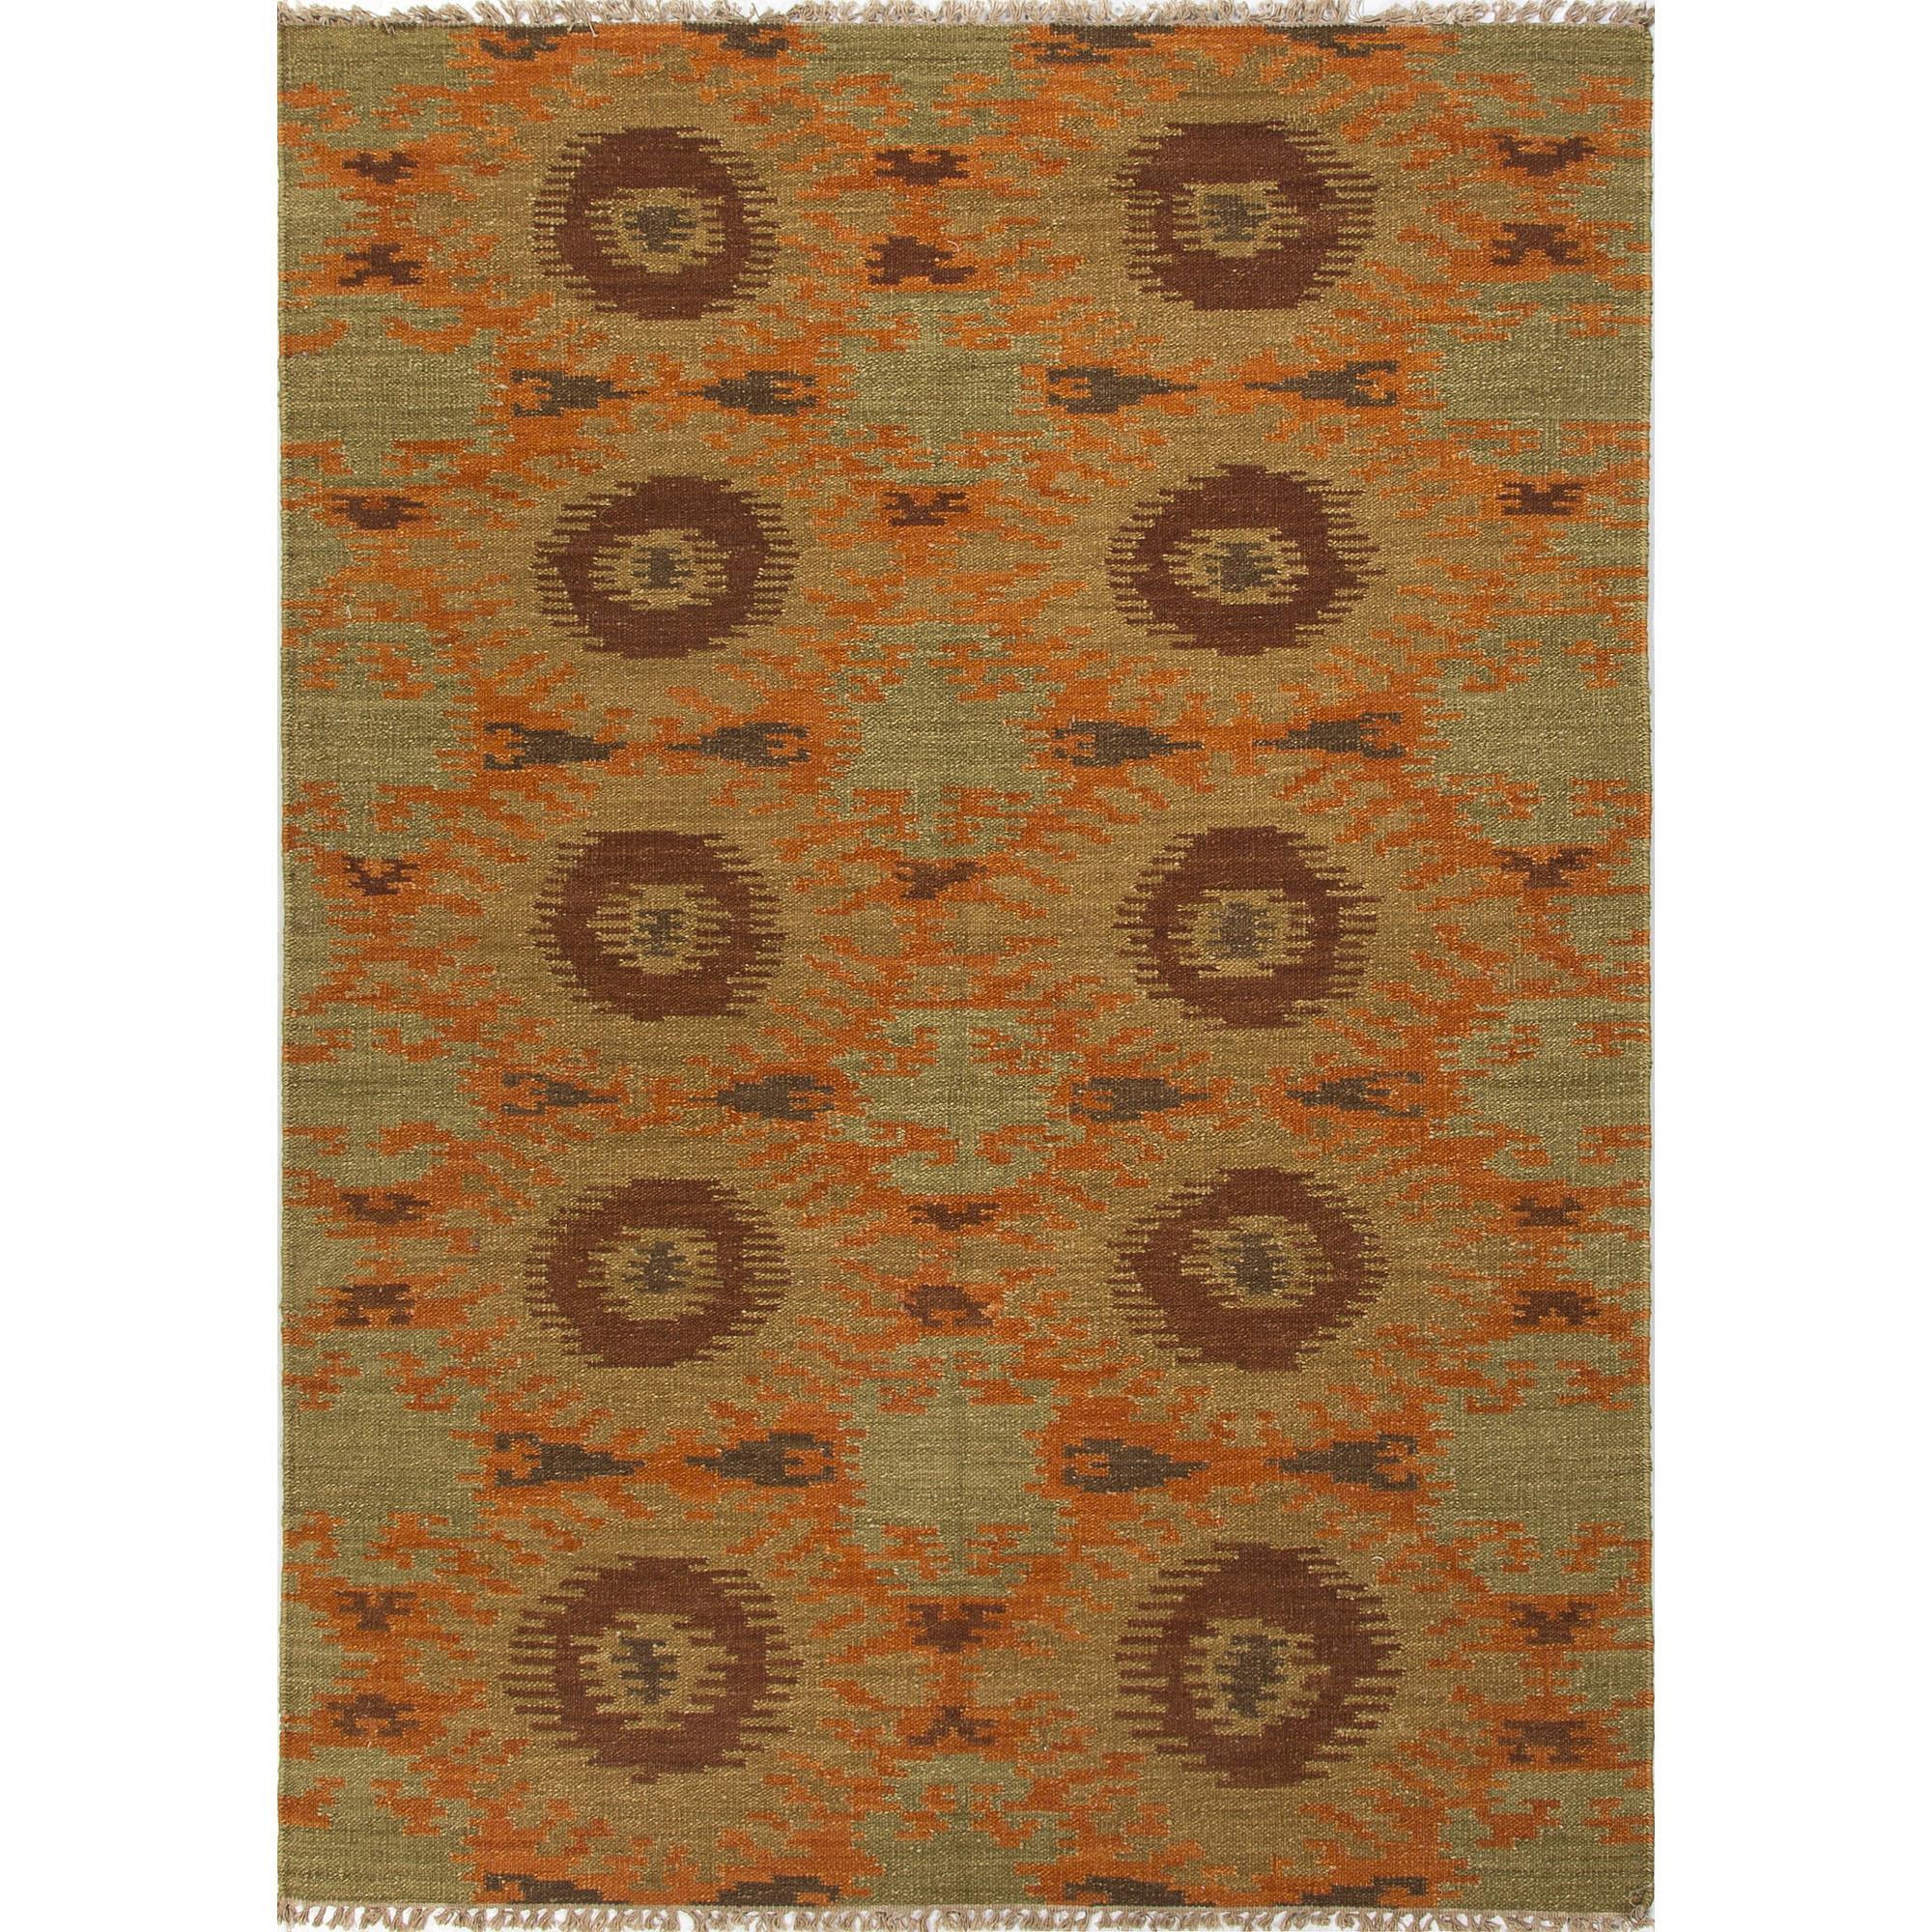 JAIPUR Rugs Anatolia 8 x 10 Rug - Item Number: RUG112343